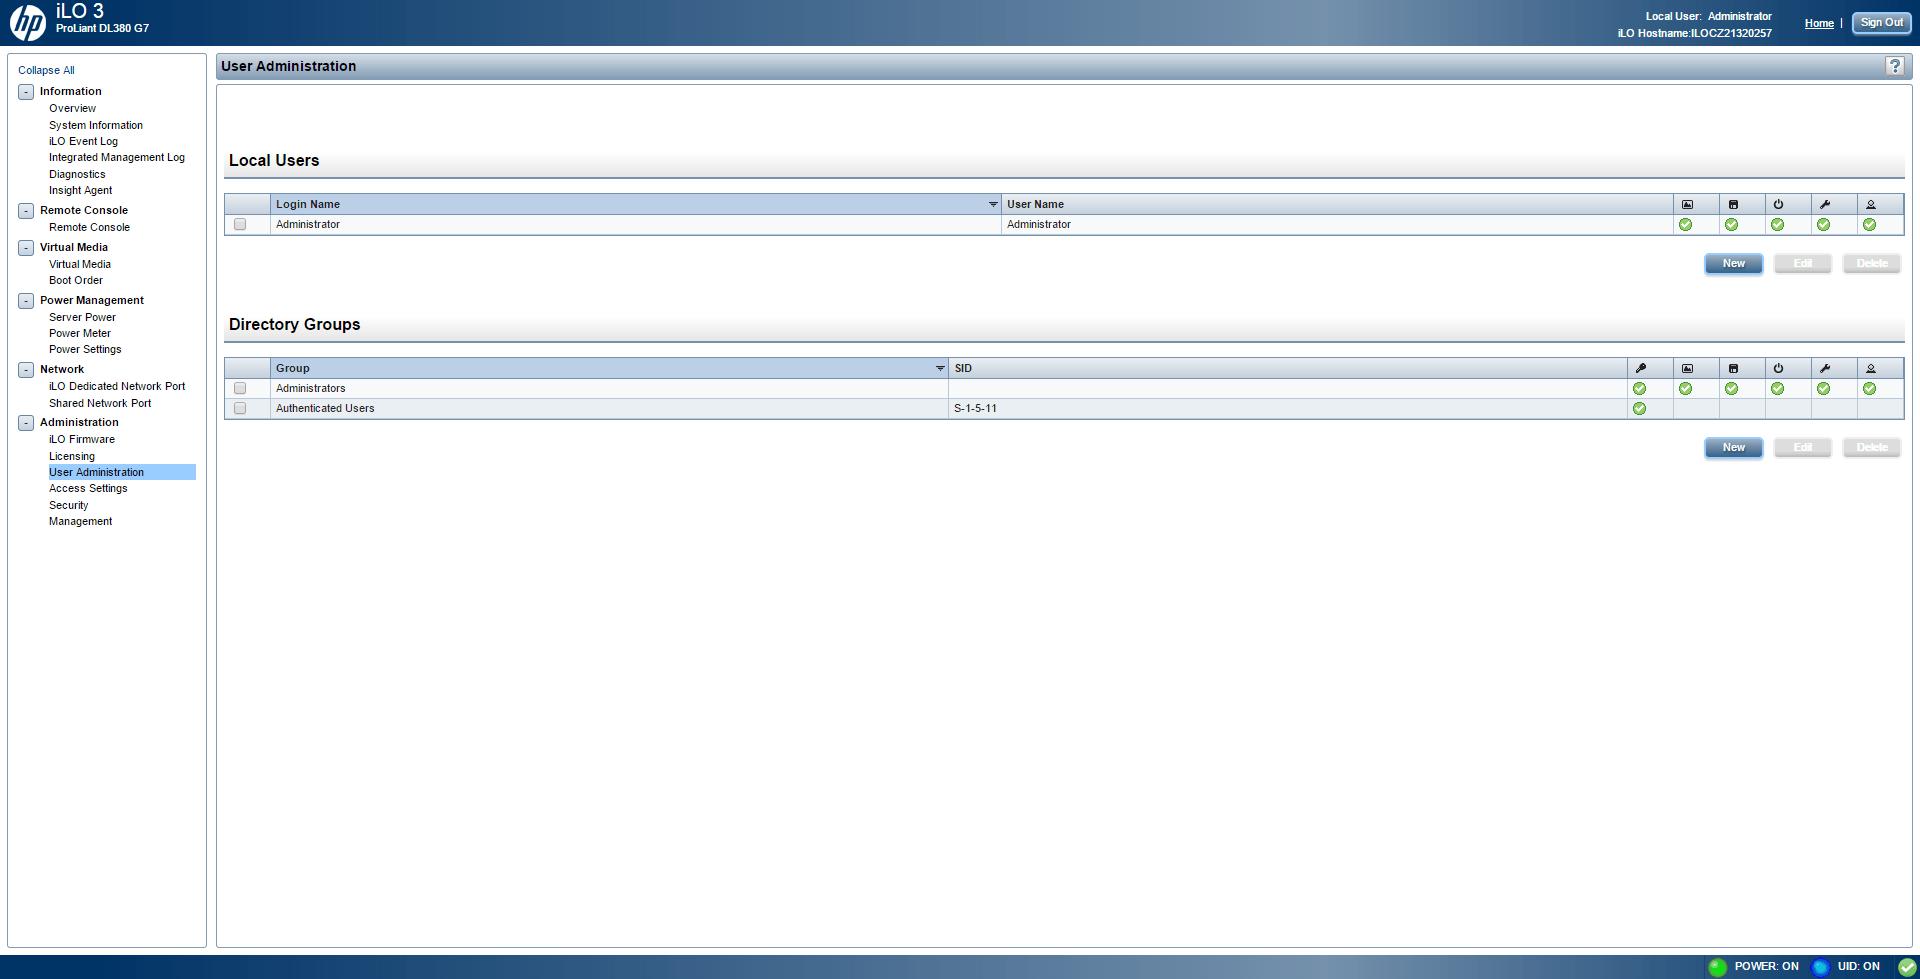 Как создать нового пользователя в ILO 3 в HP dl380 g7-01